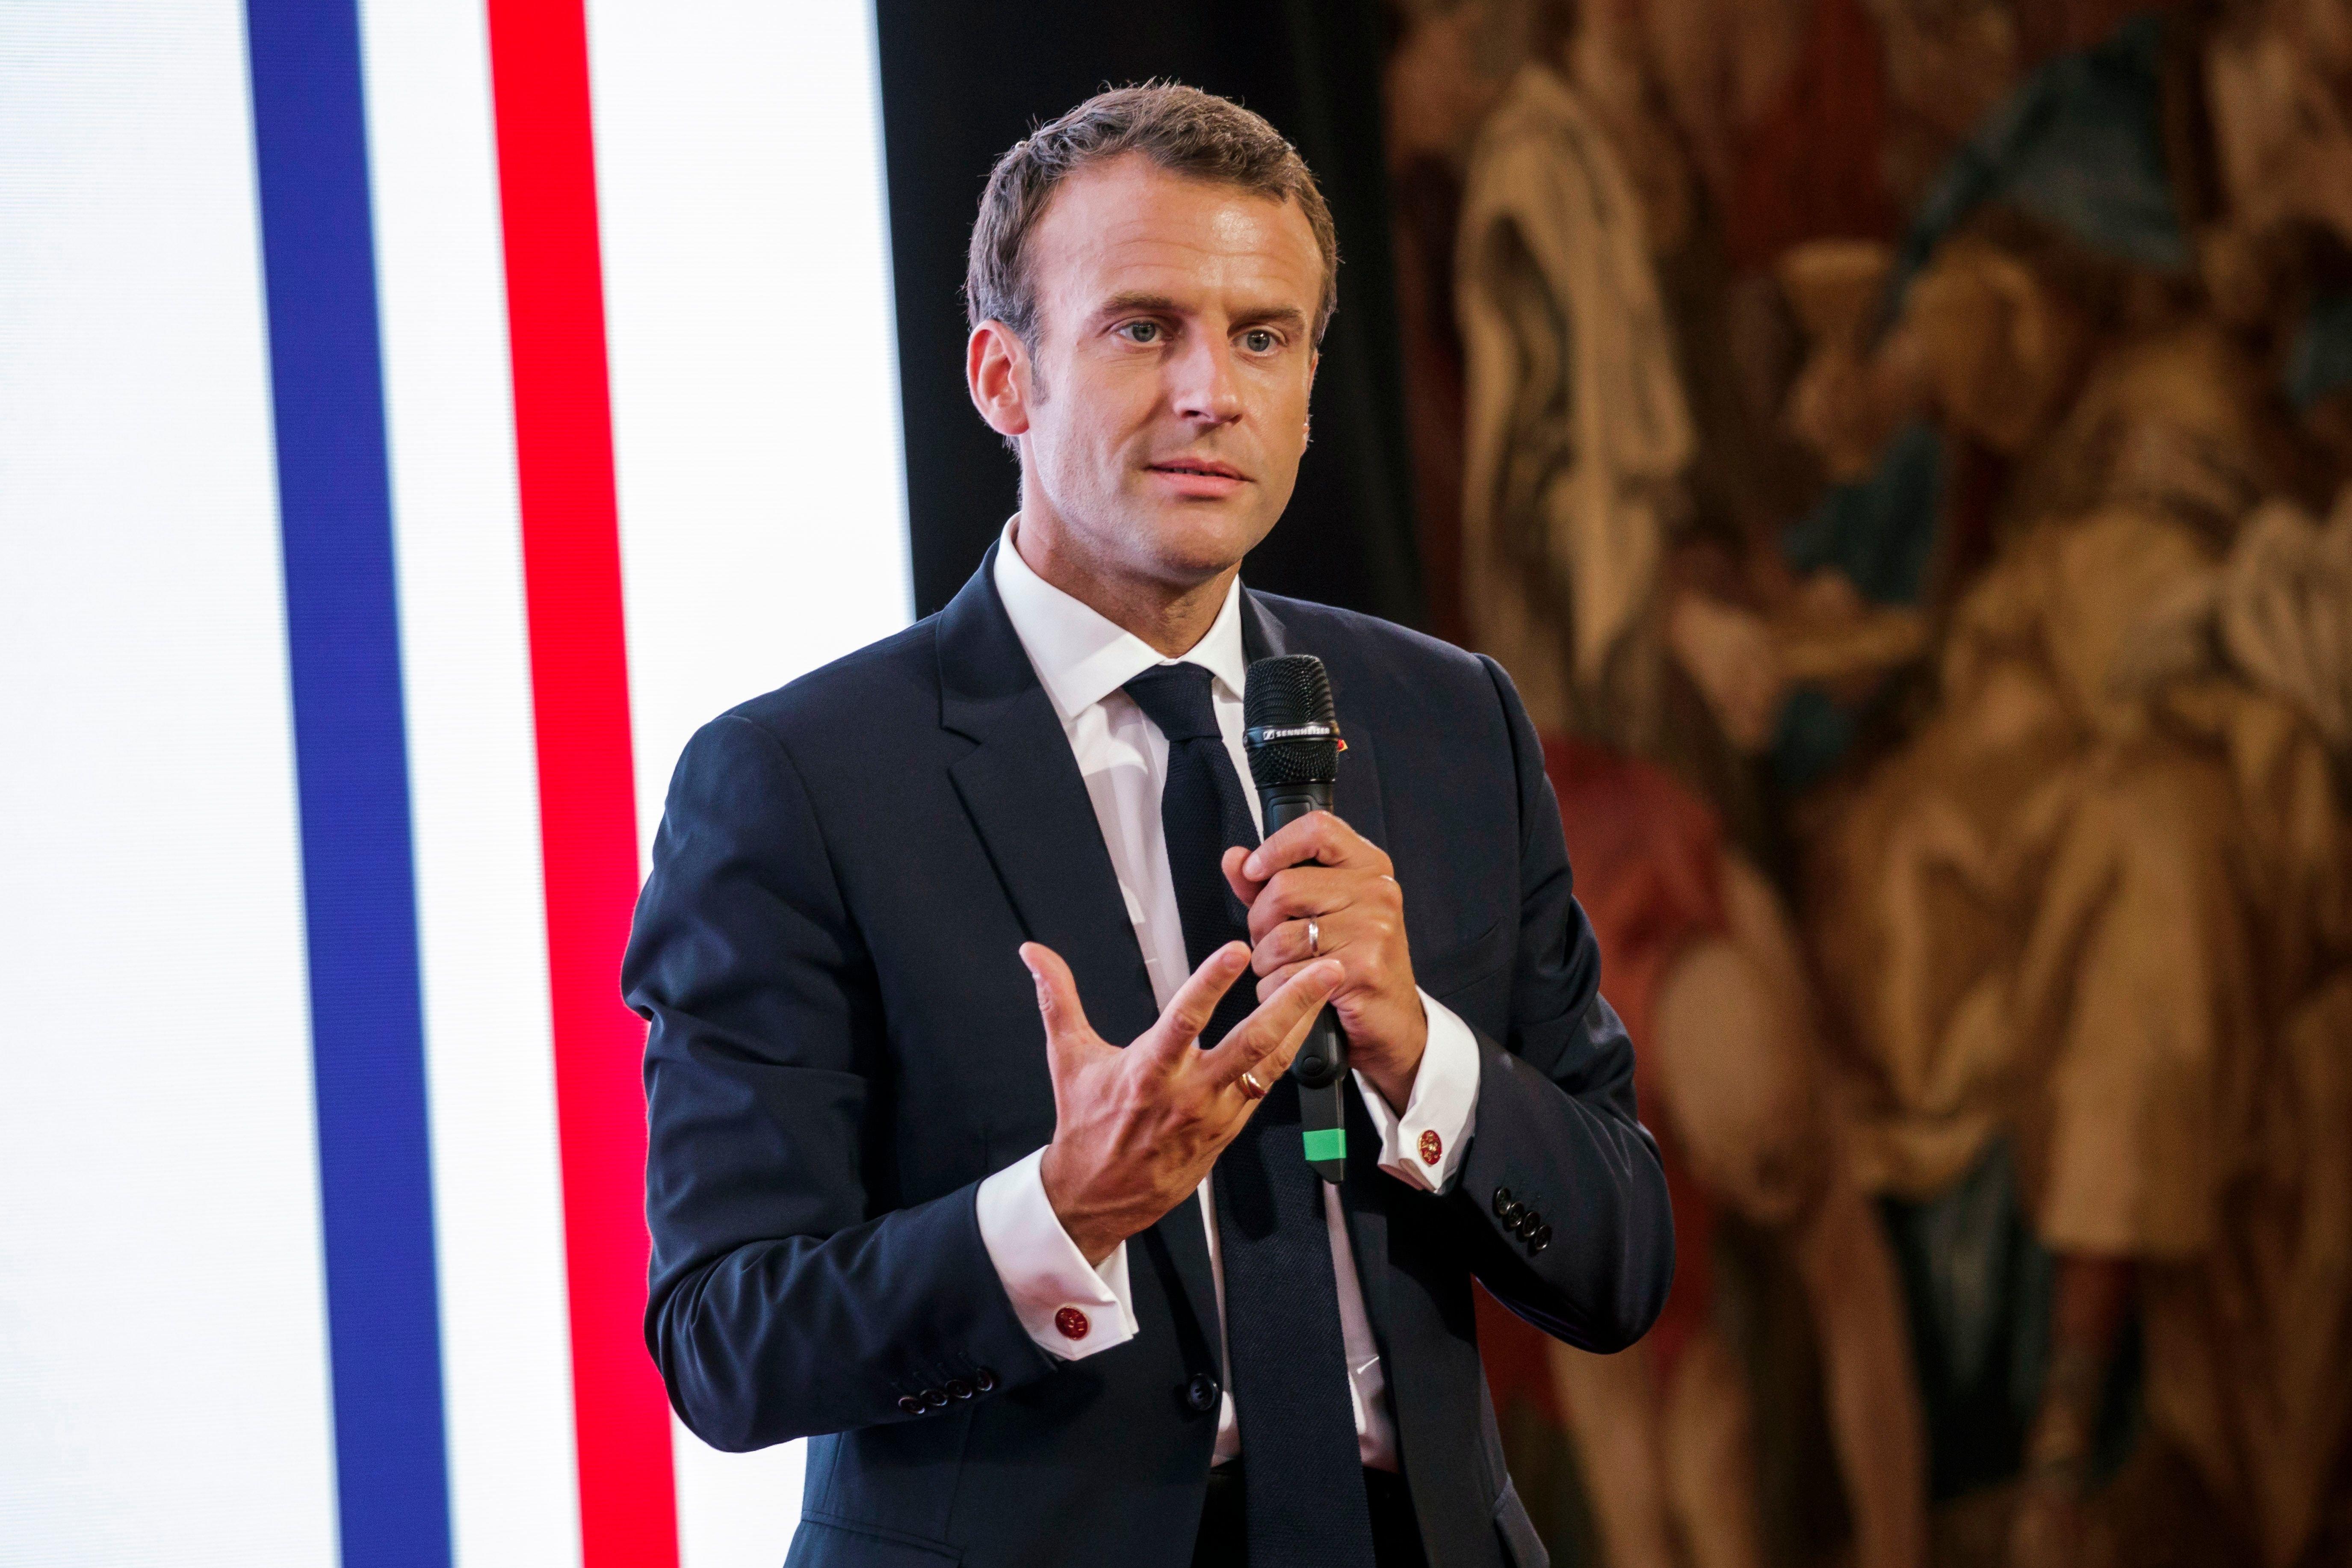 Με πρωτοβουλία της Γαλλίας 9 χώρες υπογράφουν για τη δημιουργία ενισχυμένου μηχανισμού ευρωπαϊκής συνεργασίας στον τομέα της